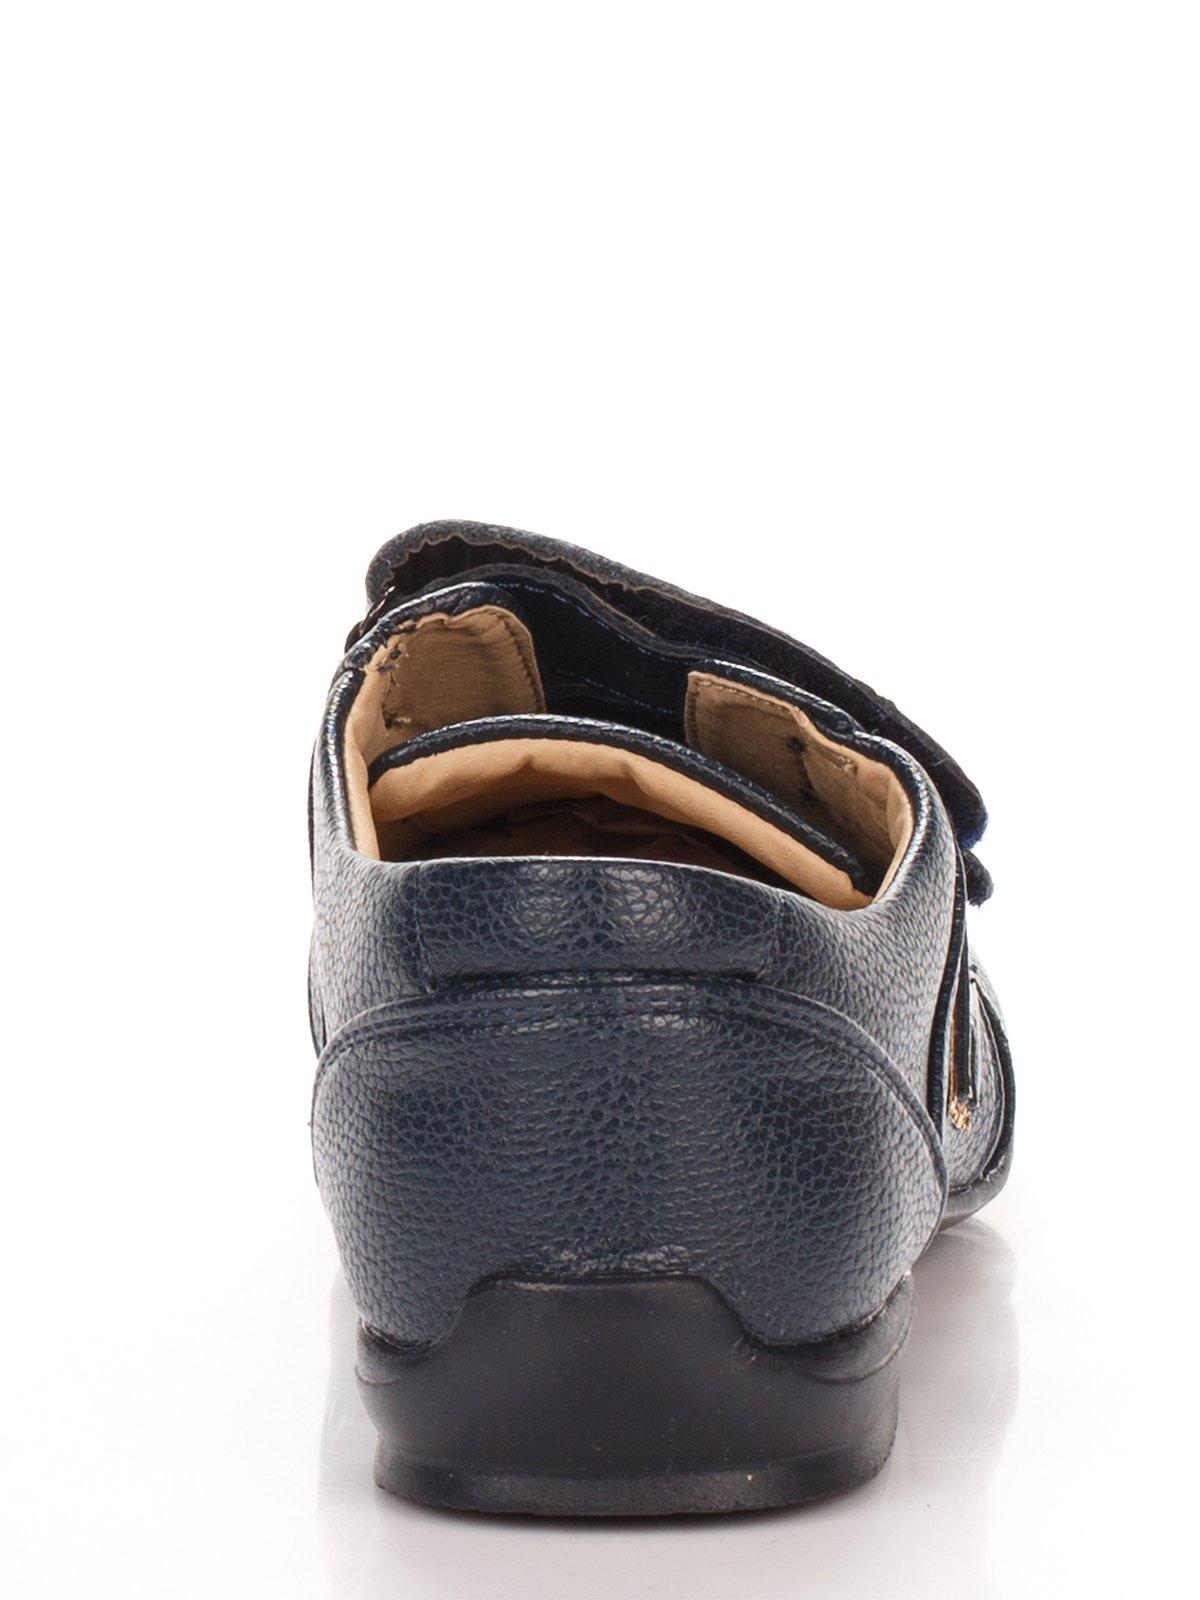 Туфлі сині | 3919032 | фото 3